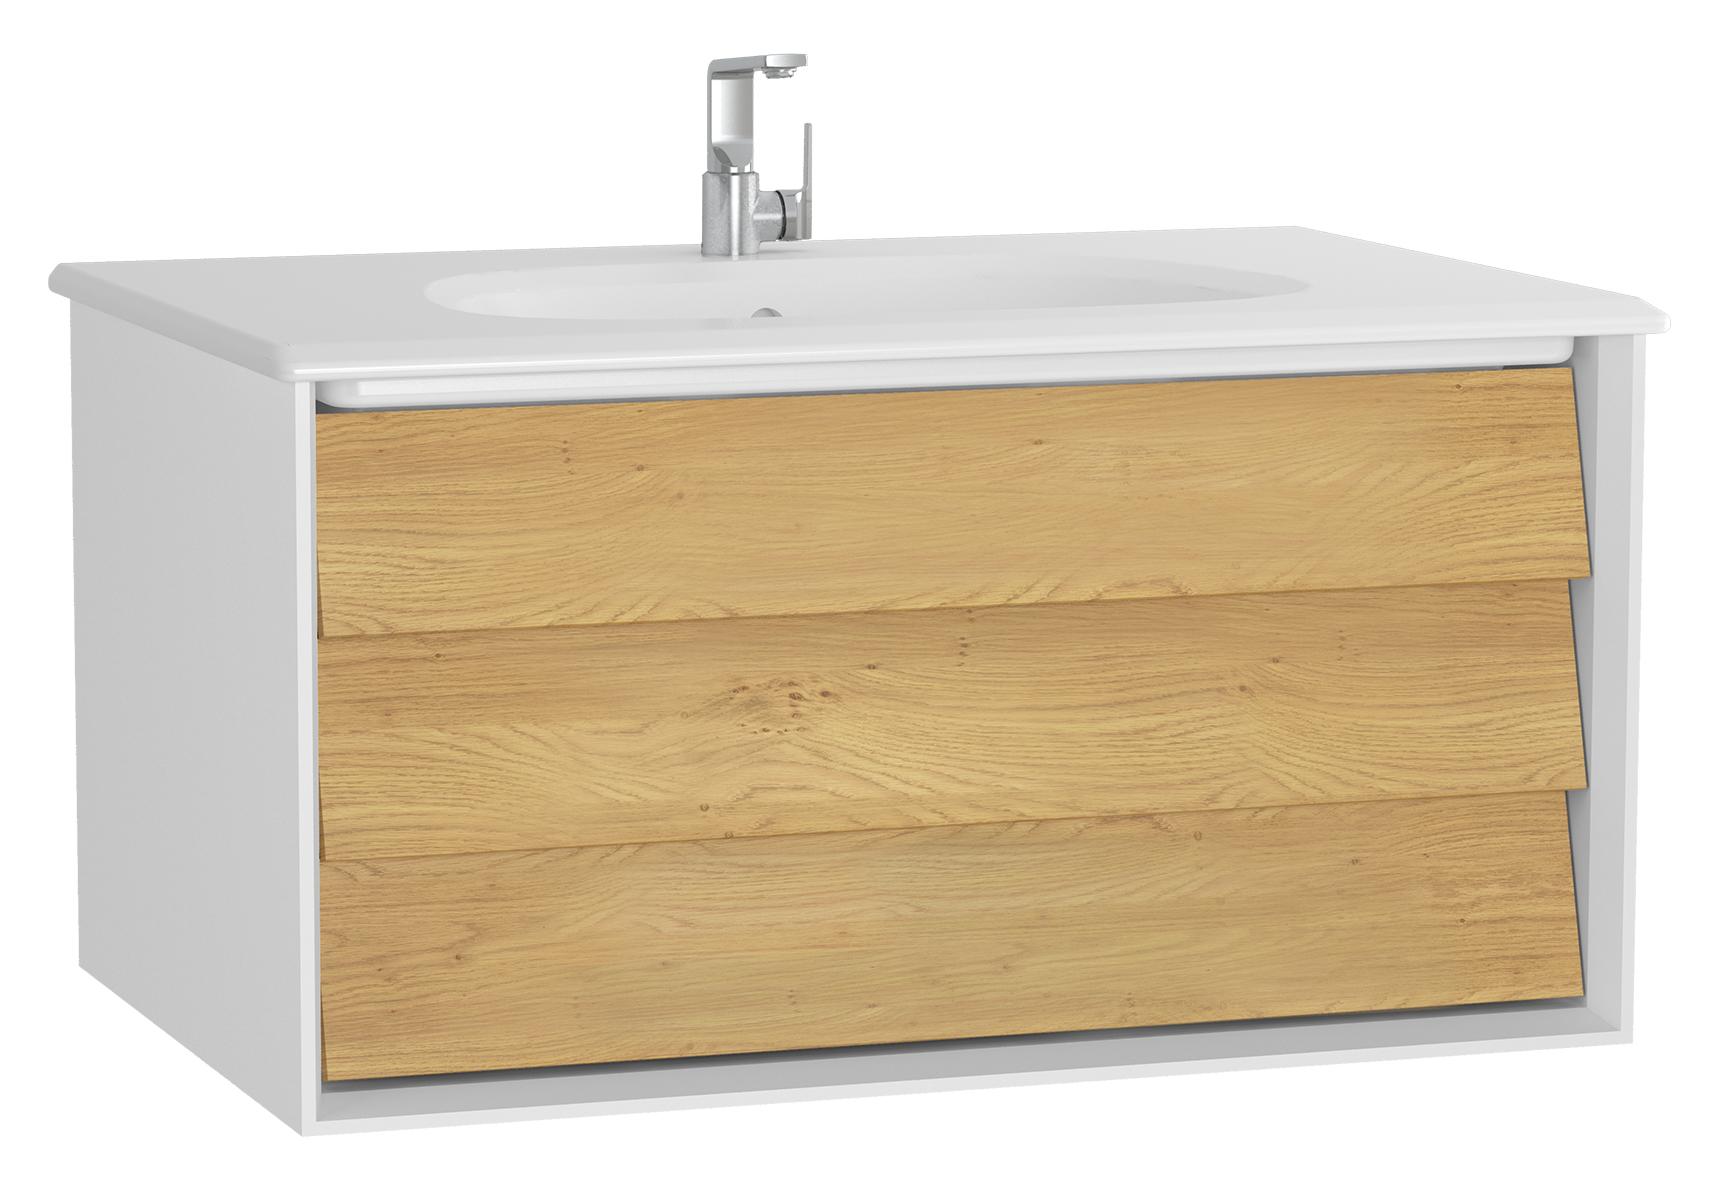 Frame meuble avec plan céramique, 82,5 cm, chêne doré mat blanc, avec blanc plan céramique